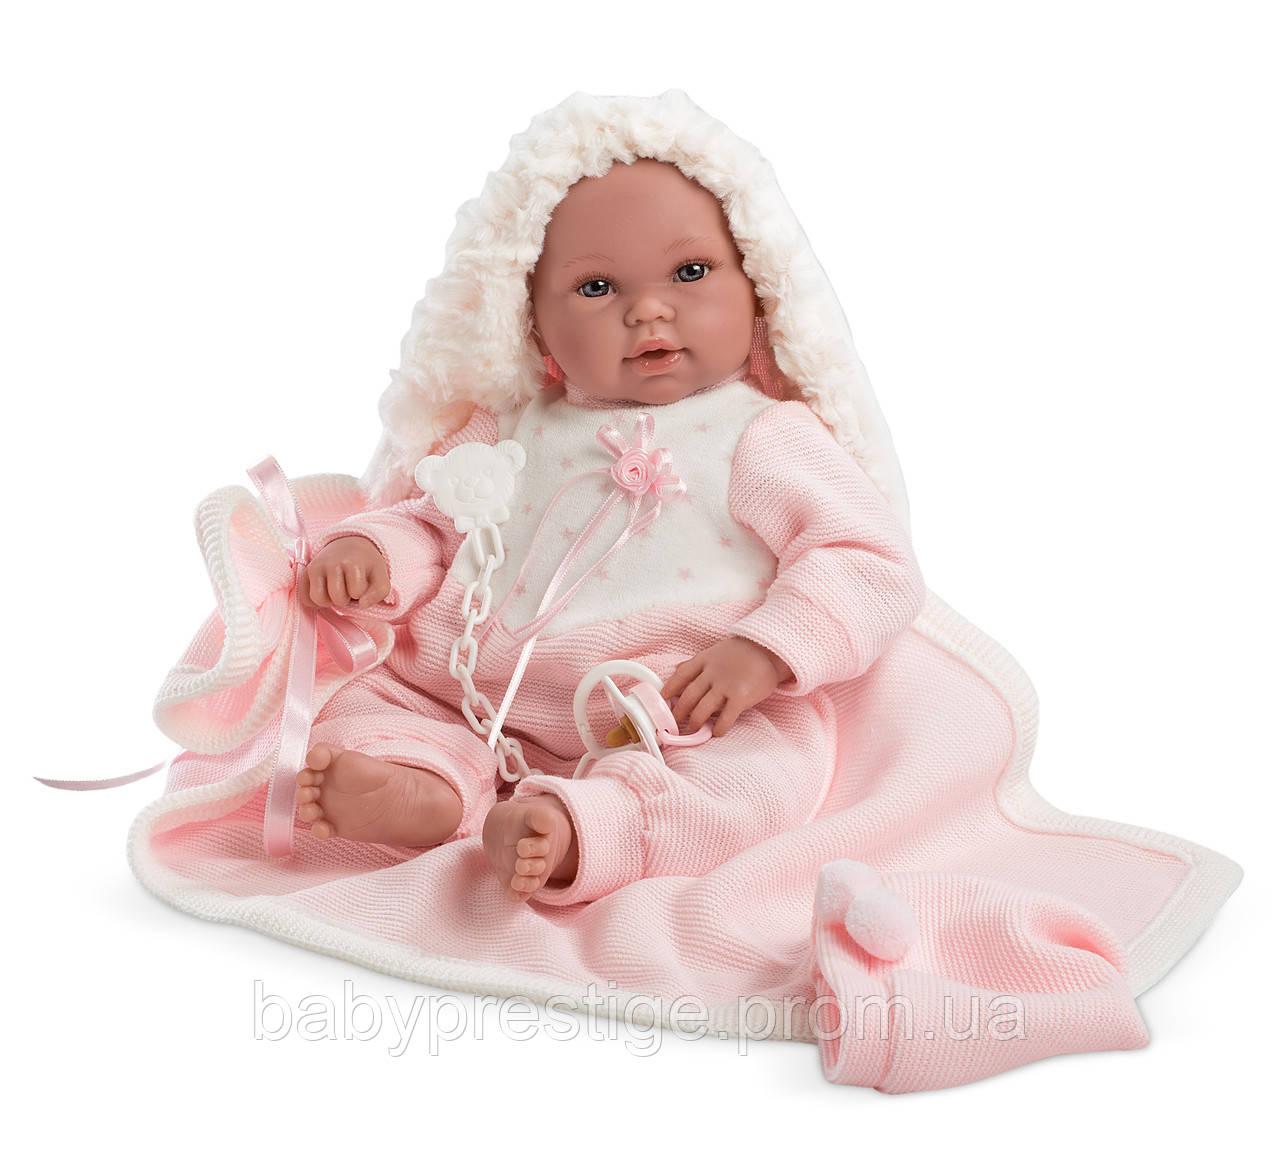 Llorens - новорожденная кукла девочка Recien Nacido, 38 см